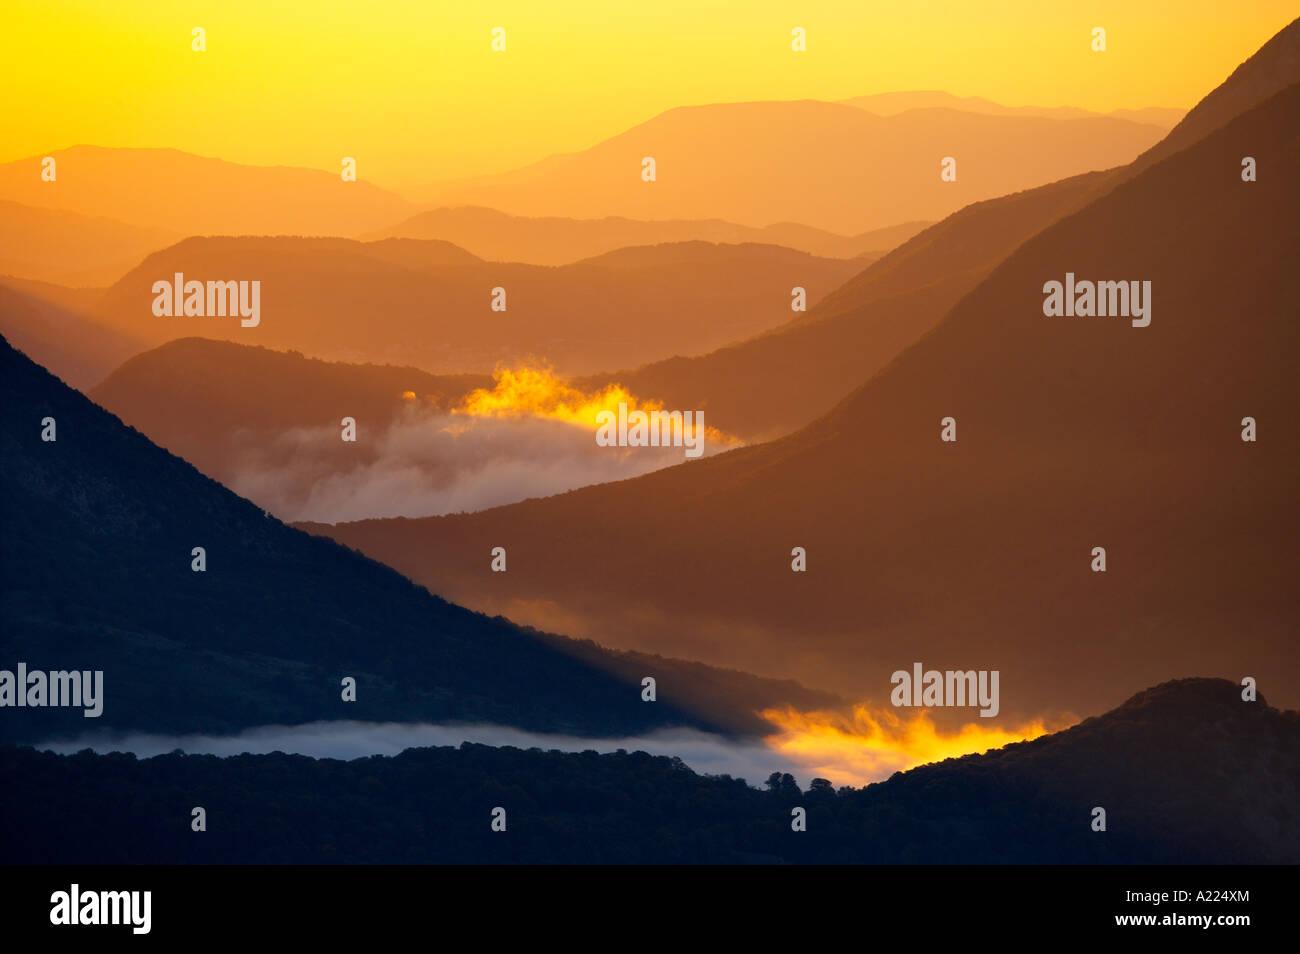 Nebel, wirbelnden, Abruzzen Nationalpark Abruzzen Italien NR Stockfoto